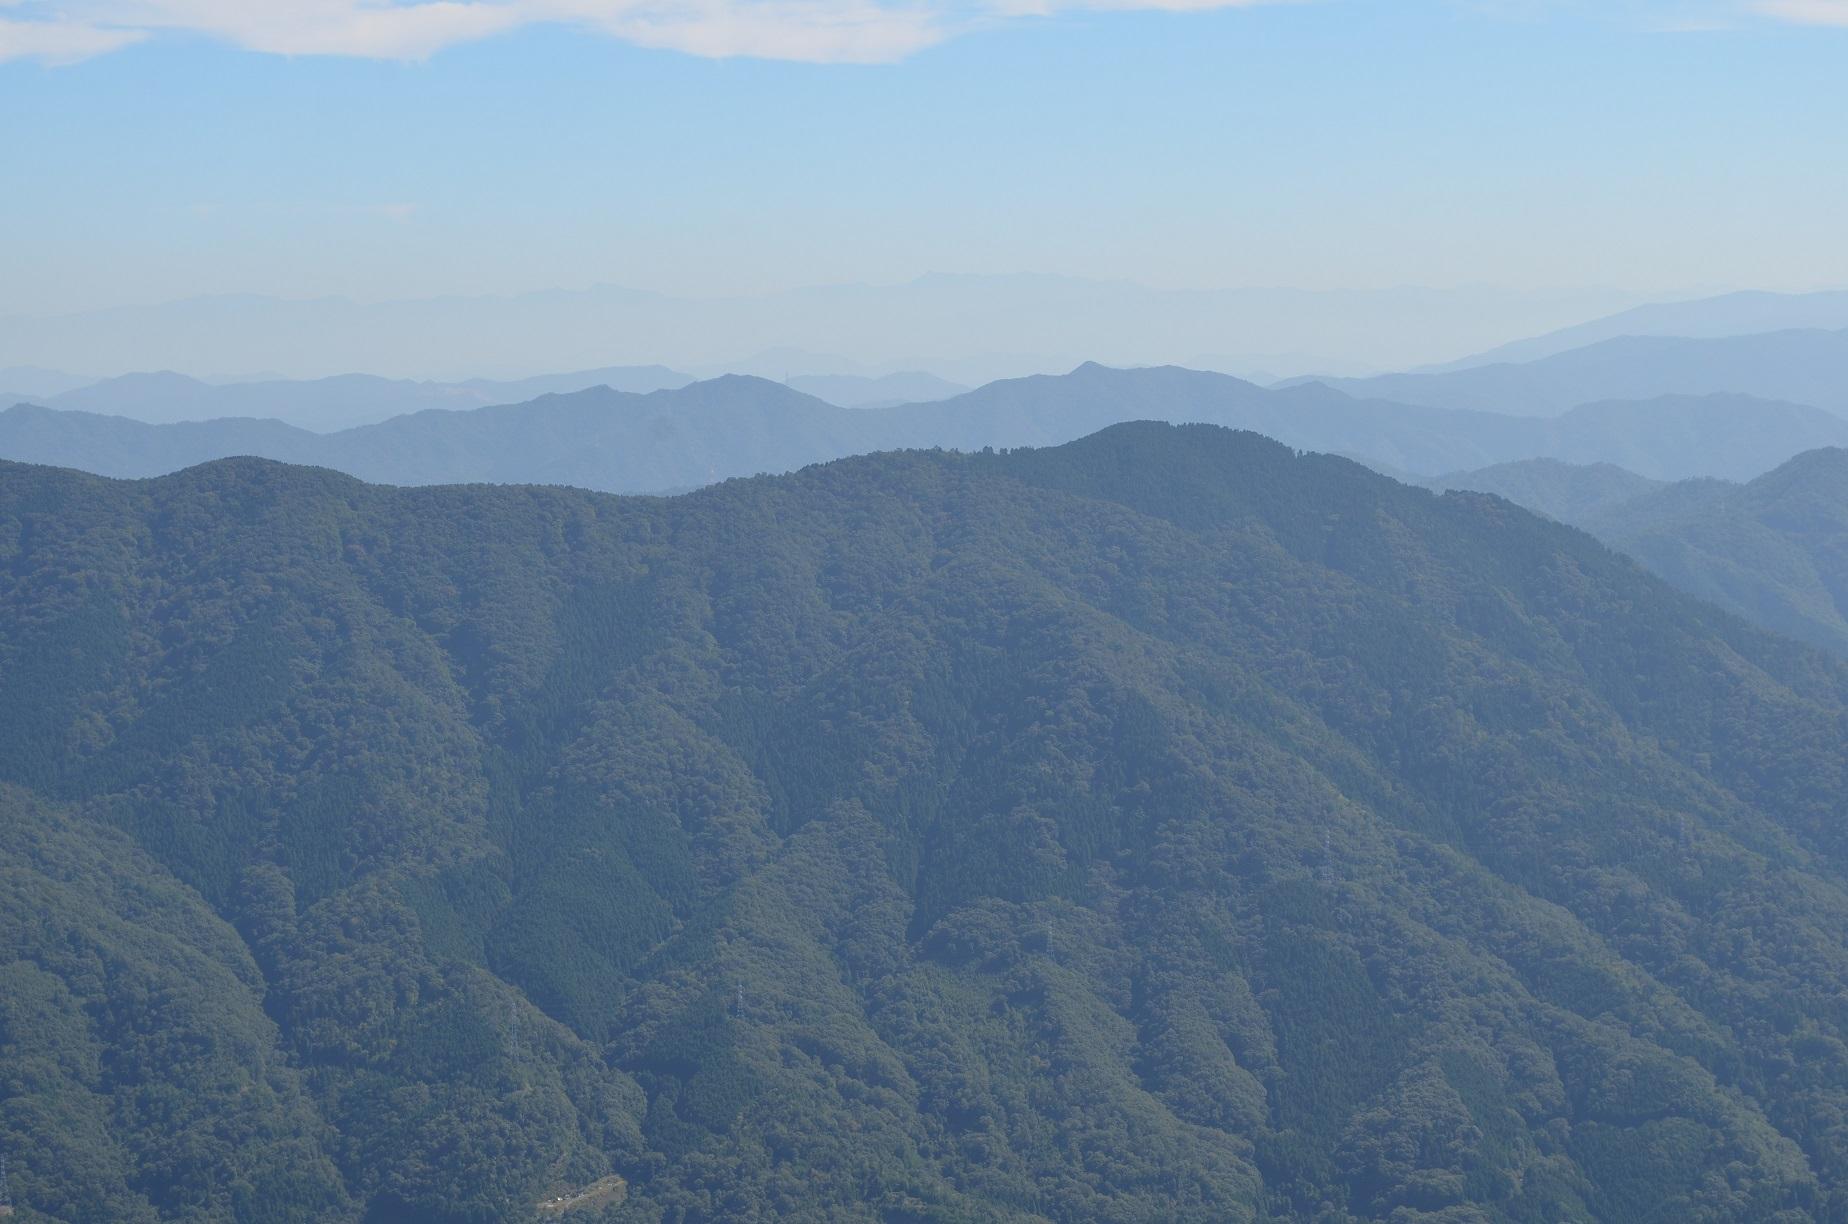 H271003 白木山からみた 多分 石鎚山 とおもう